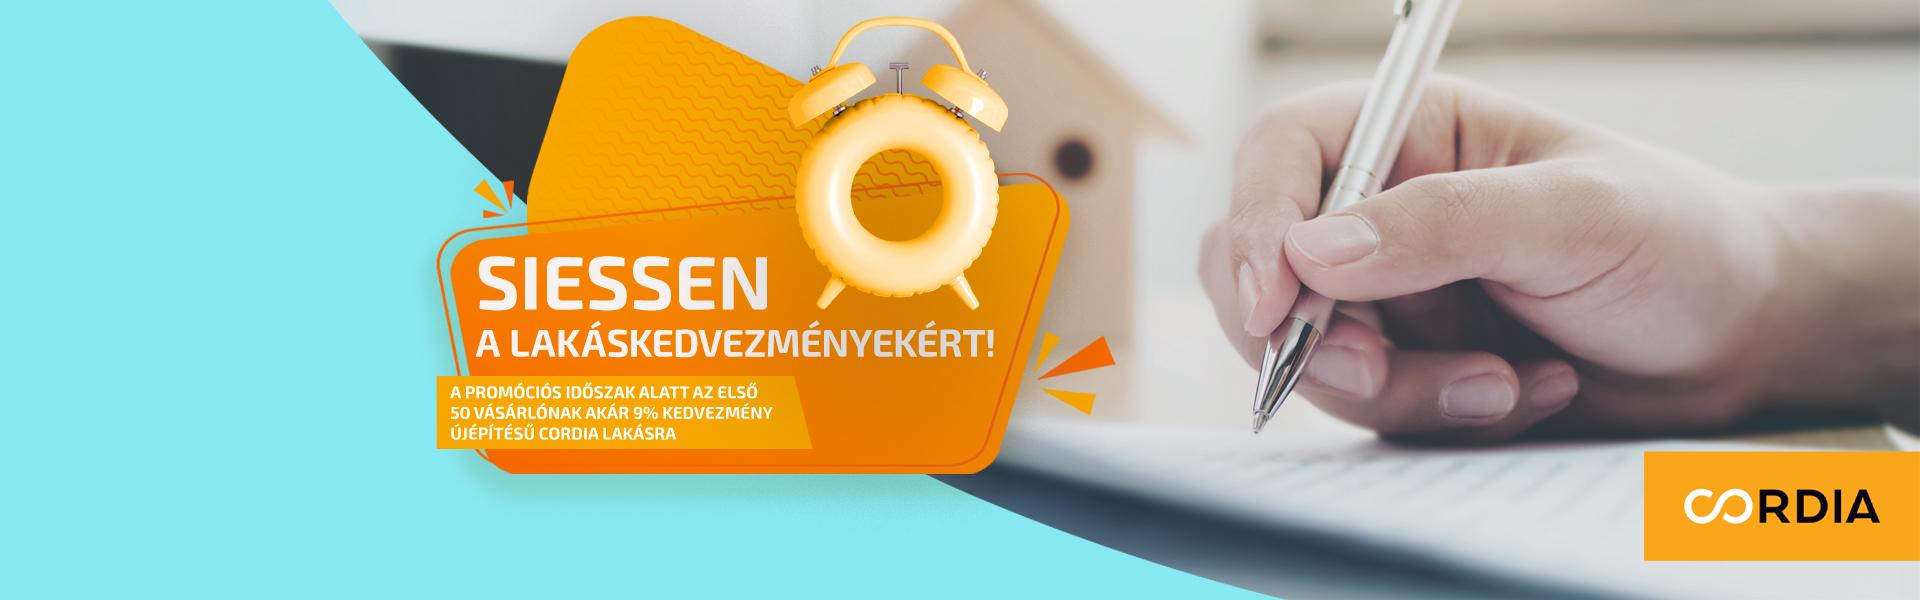 crd-arengedmeny-kampany-befektetes-szegmens-1920x600-20200728-jogi-es-kattintson-nelkul